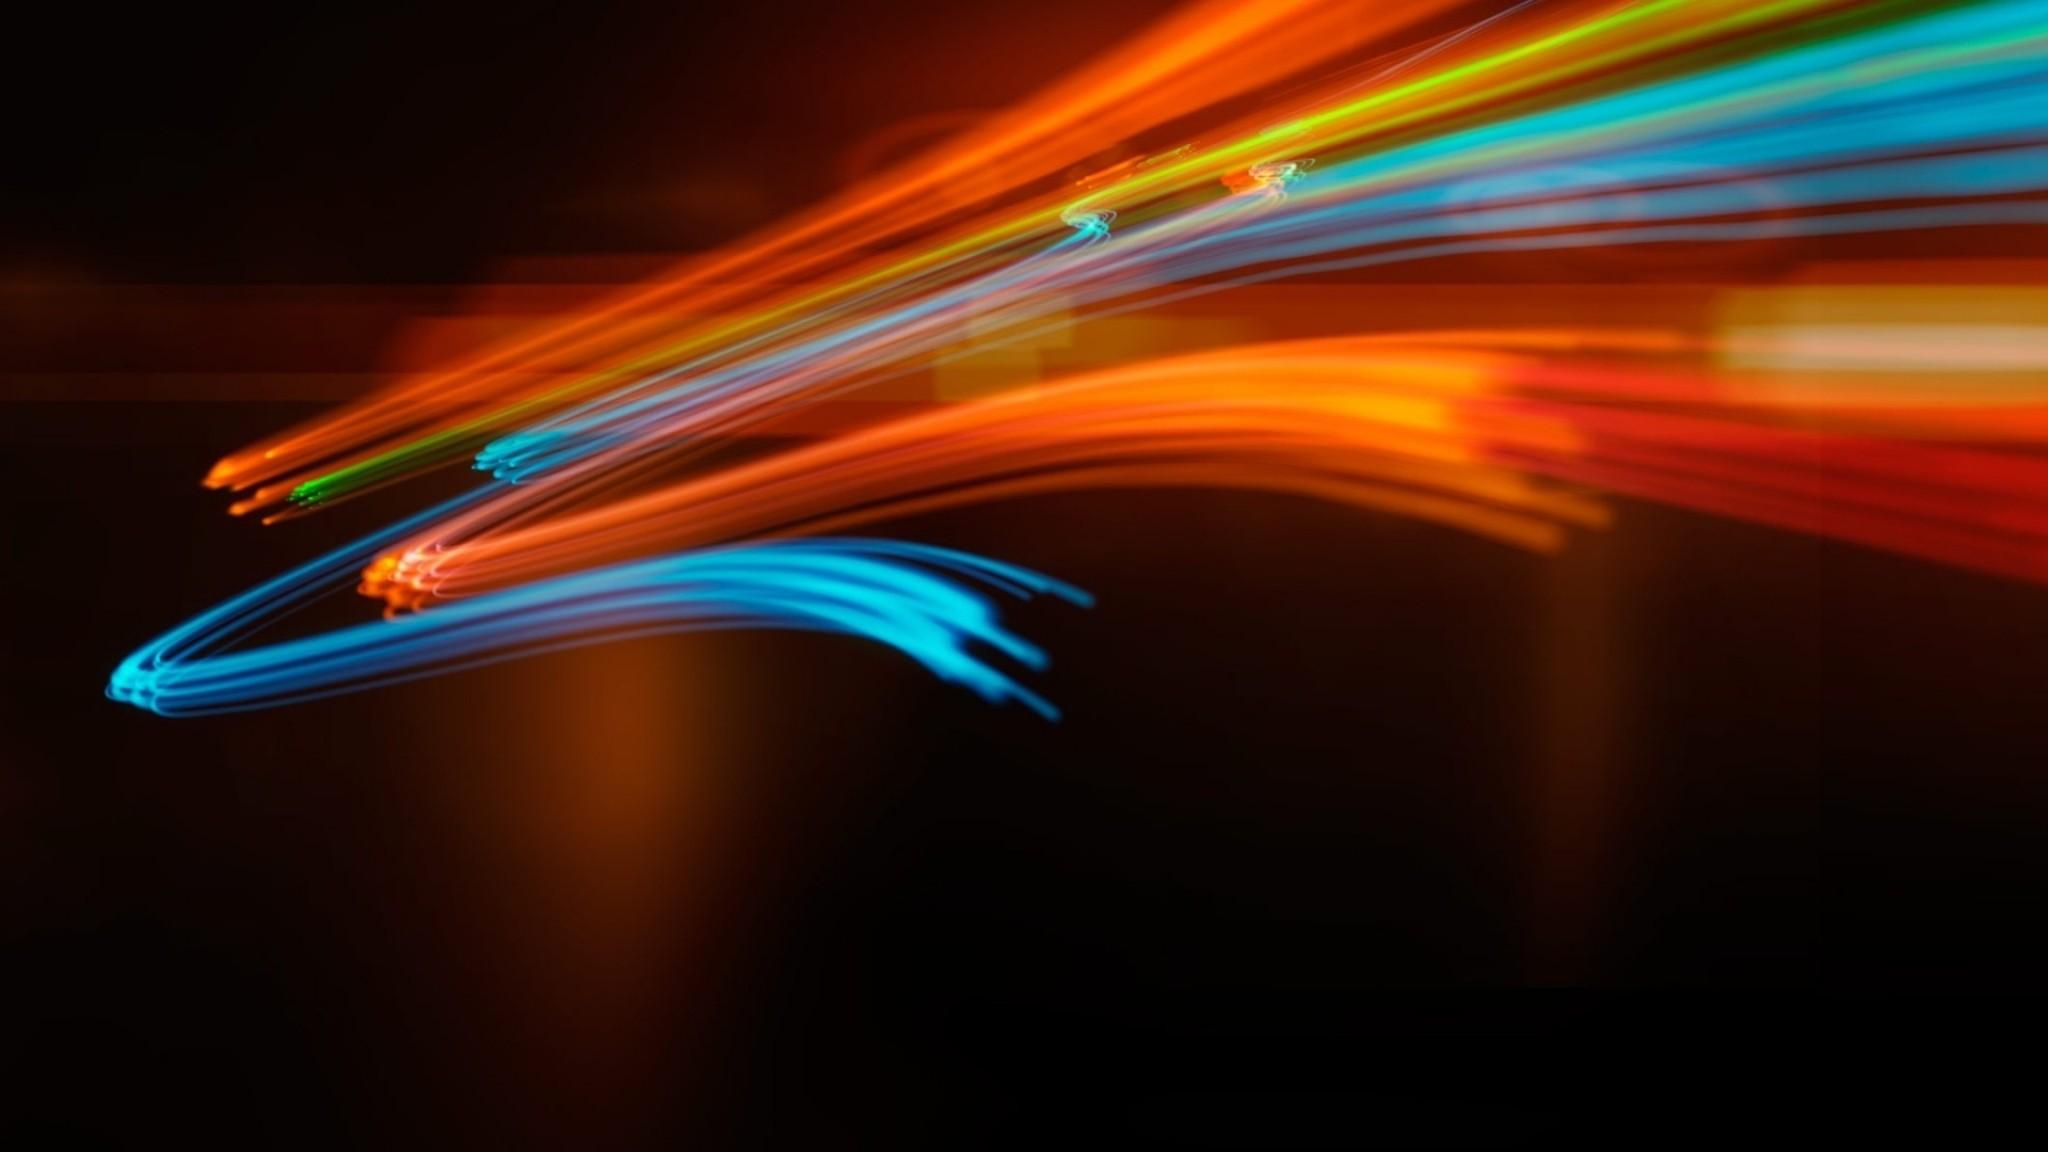 Wallpaper line, black, background, light, color